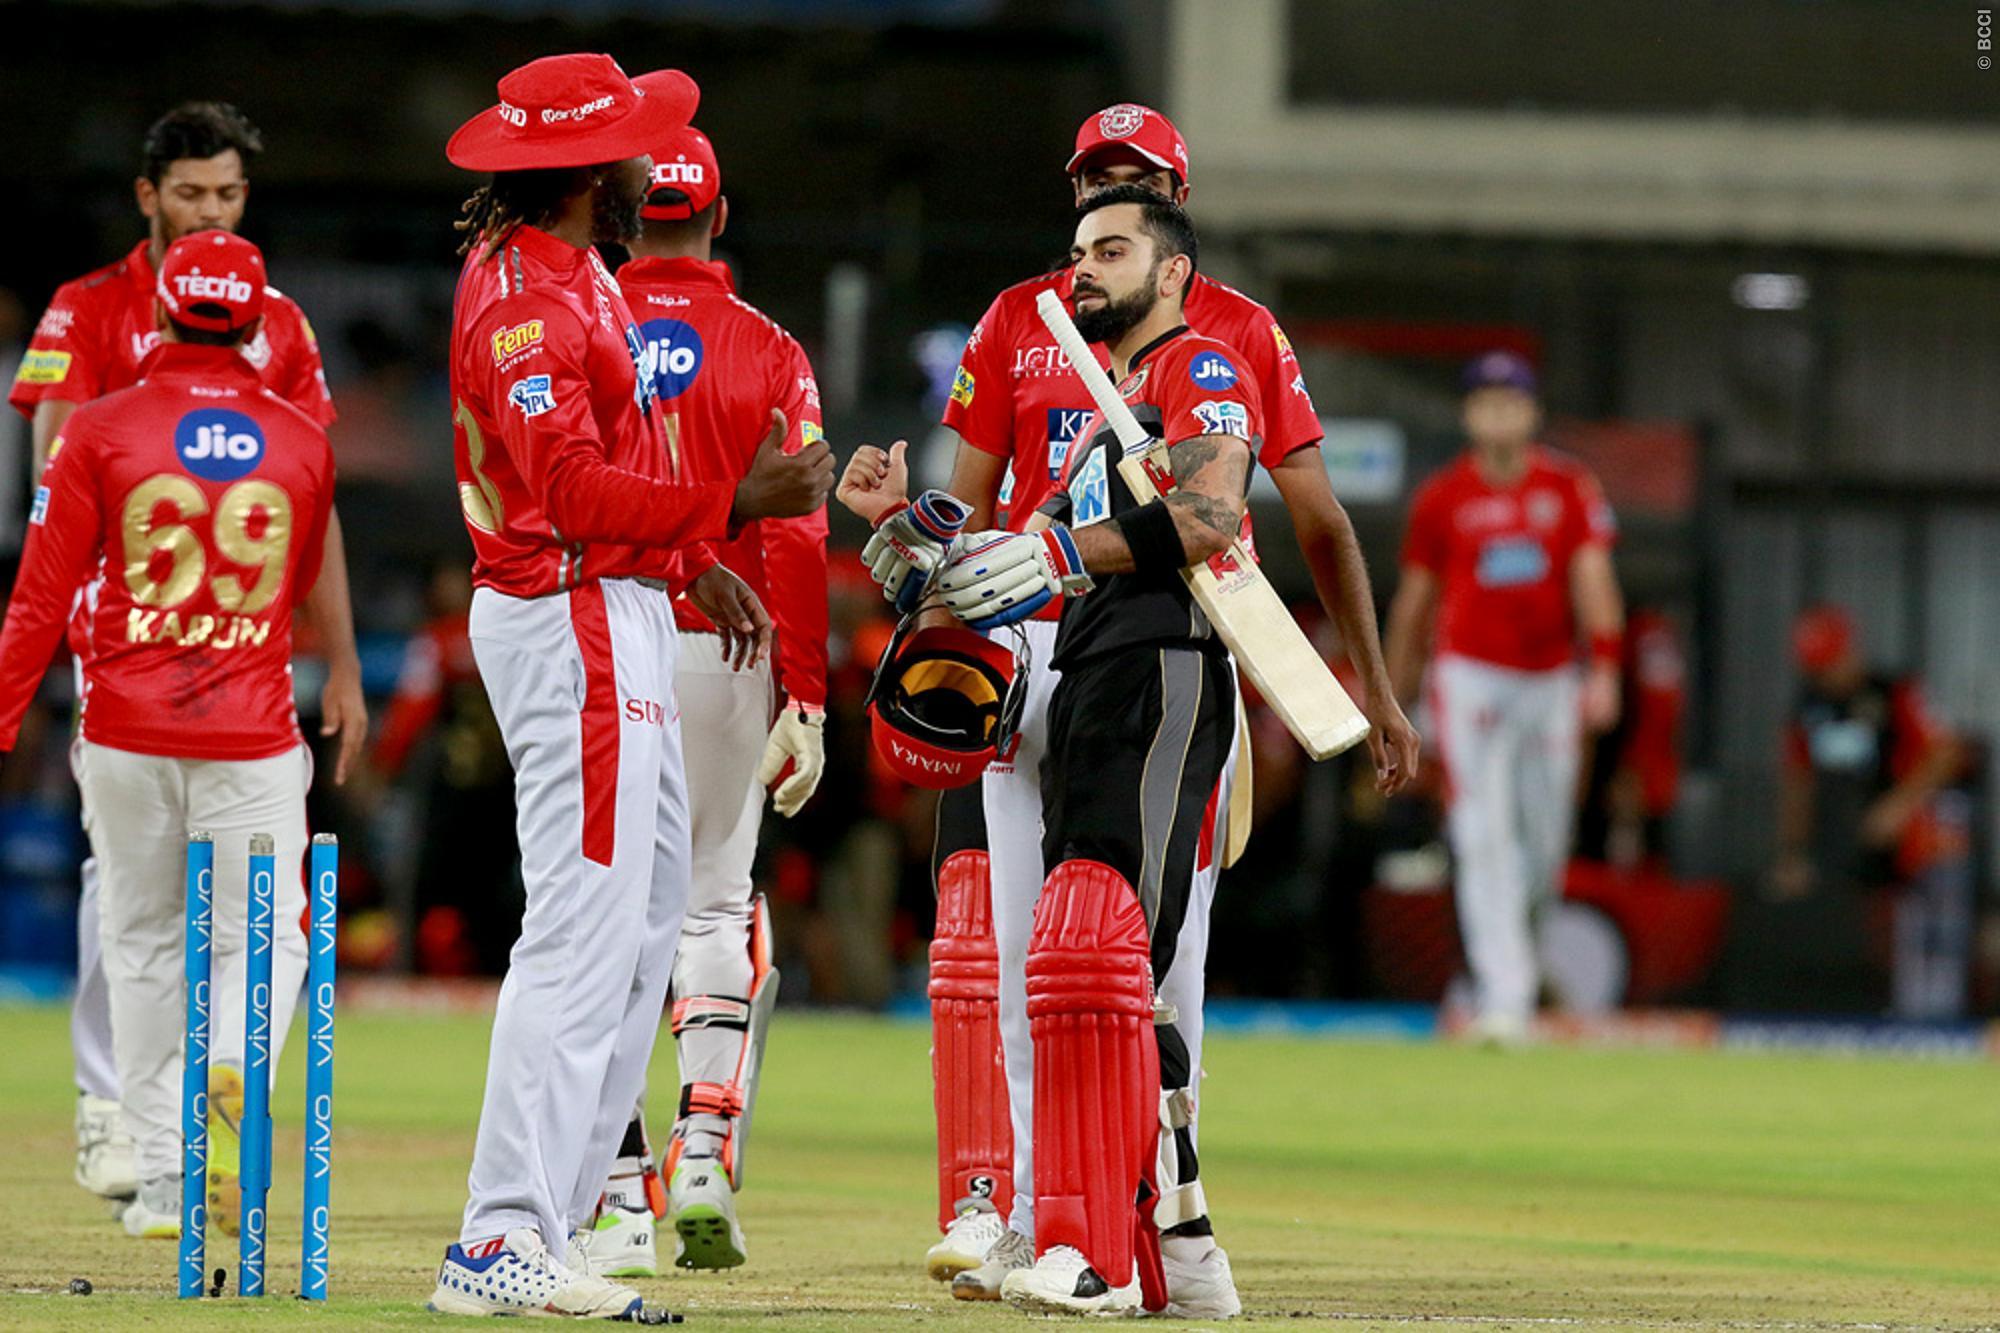 राहुल और गेल पर जरूरत से ज्यादा निर्भरता के अलावा इन 5 कारणों से हारी किंग्स XI पंजाब